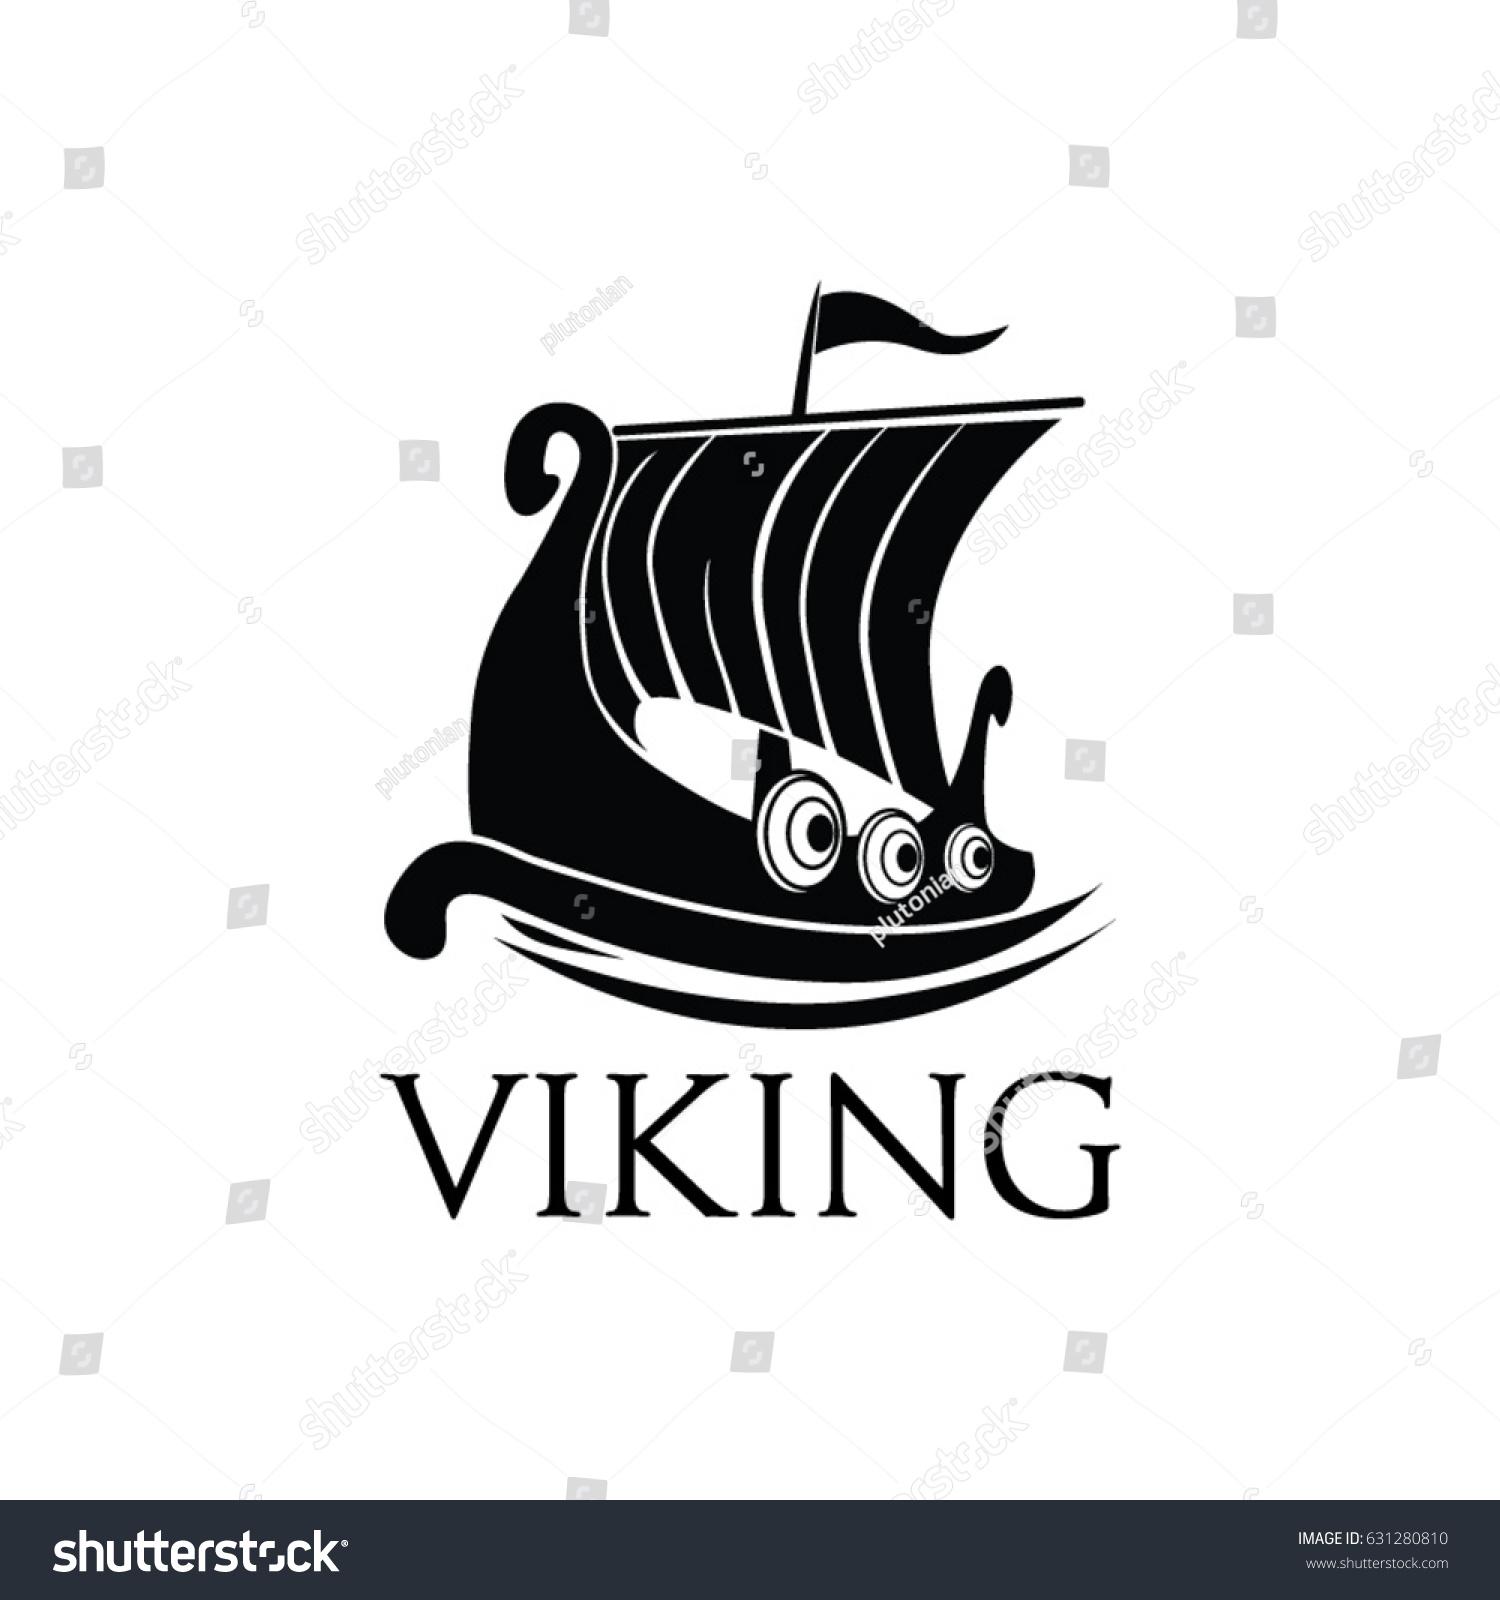 Viking ship logo symbol illustration stock vector 631280810 viking ship logo symbol illustration buycottarizona